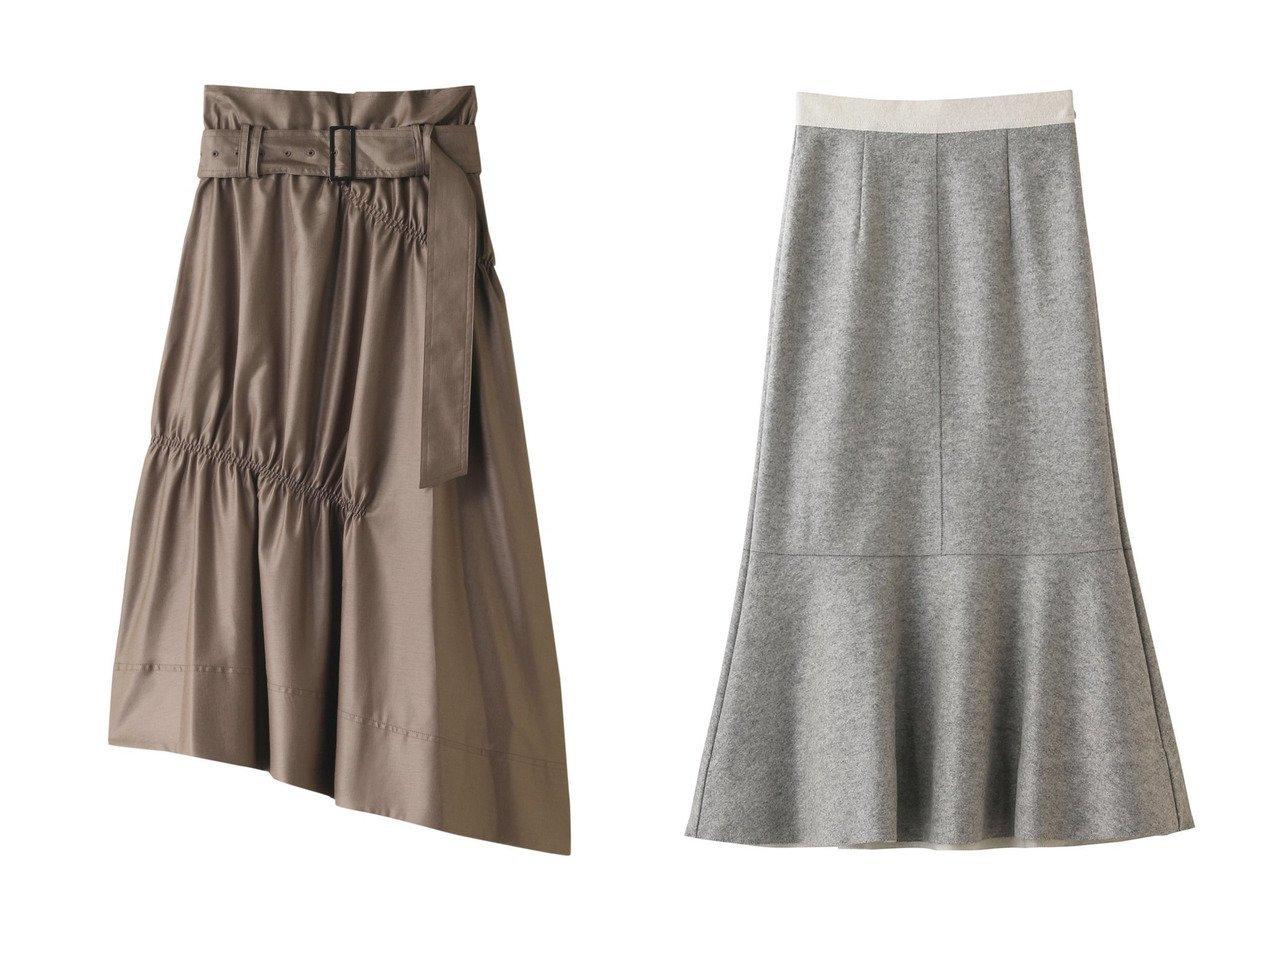 【MAISON SPECIAL/メゾンスペシャル】のレザーライクギャザースカート&【LE CIEL BLEU/ルシェル ブルー】のバイカラージャージースカート 【スカート】おすすめ!人気、トレンド・レディースファッションの通販 おすすめで人気の流行・トレンド、ファッションの通販商品 インテリア・家具・メンズファッション・キッズファッション・レディースファッション・服の通販 founy(ファニー) https://founy.com/ ファッション Fashion レディースファッション WOMEN スカート Skirt ロングスカート Long Skirt 2020年 2020 2020-2021秋冬・A/W AW・Autumn/Winter・FW・Fall-Winter/2020-2021 2021年 2021 2021-2022秋冬・A/W AW・Autumn/Winter・FW・Fall-Winter・2021-2022 A/W・秋冬 AW・Autumn/Winter・FW・Fall-Winter アシンメトリー ギャザー パーティ ジャージー メランジ ロング  ID:crp329100000068570